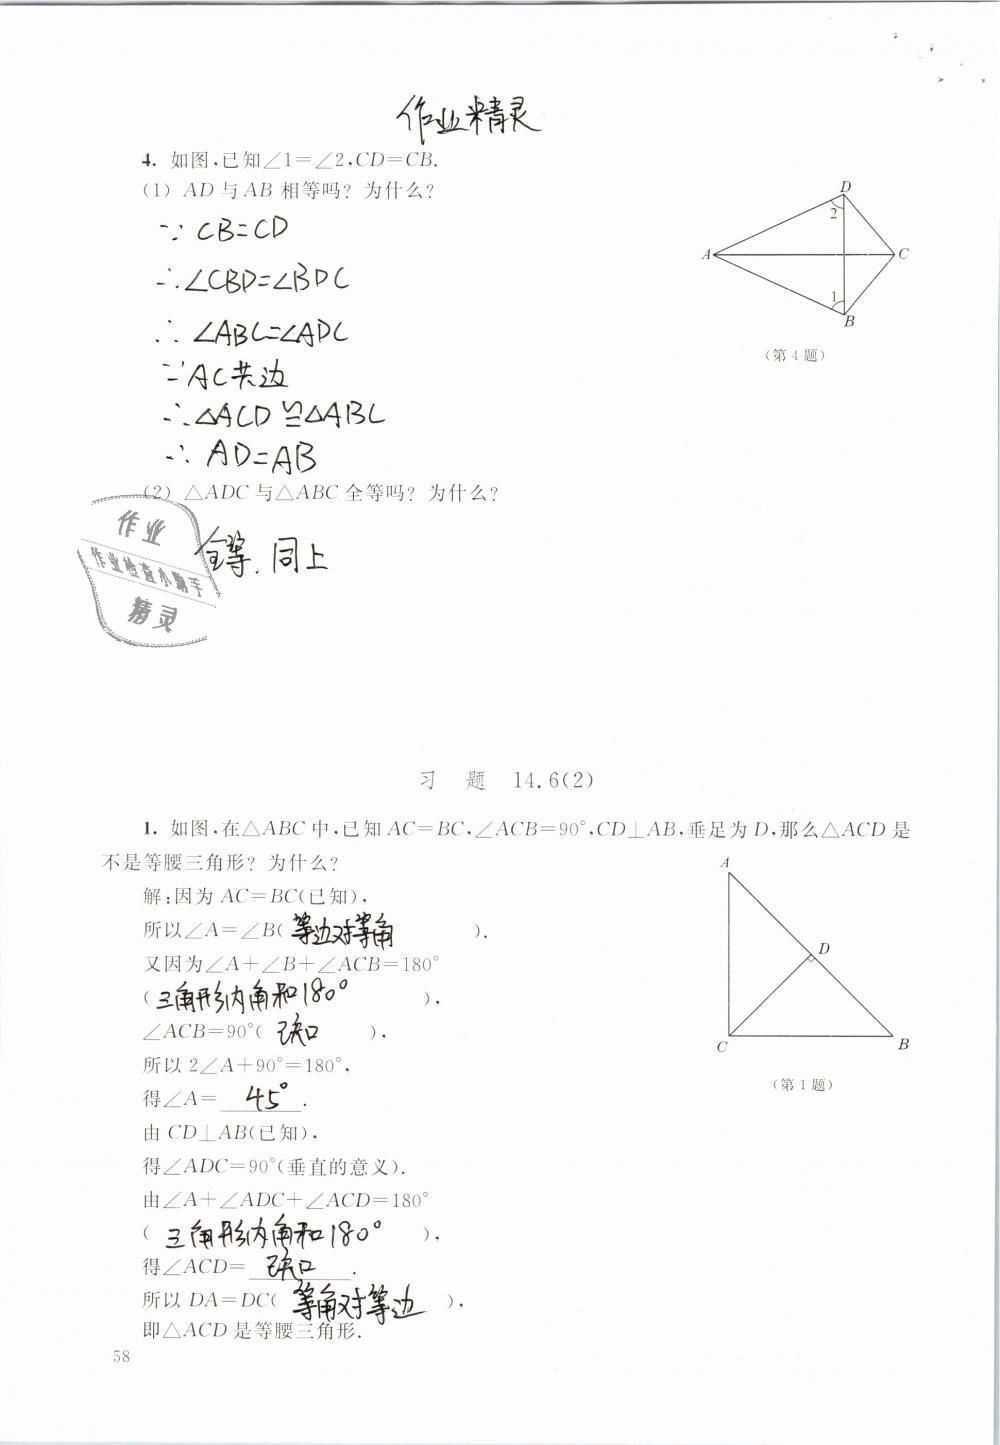 2019年数学练习部分七年级第二学期第58页